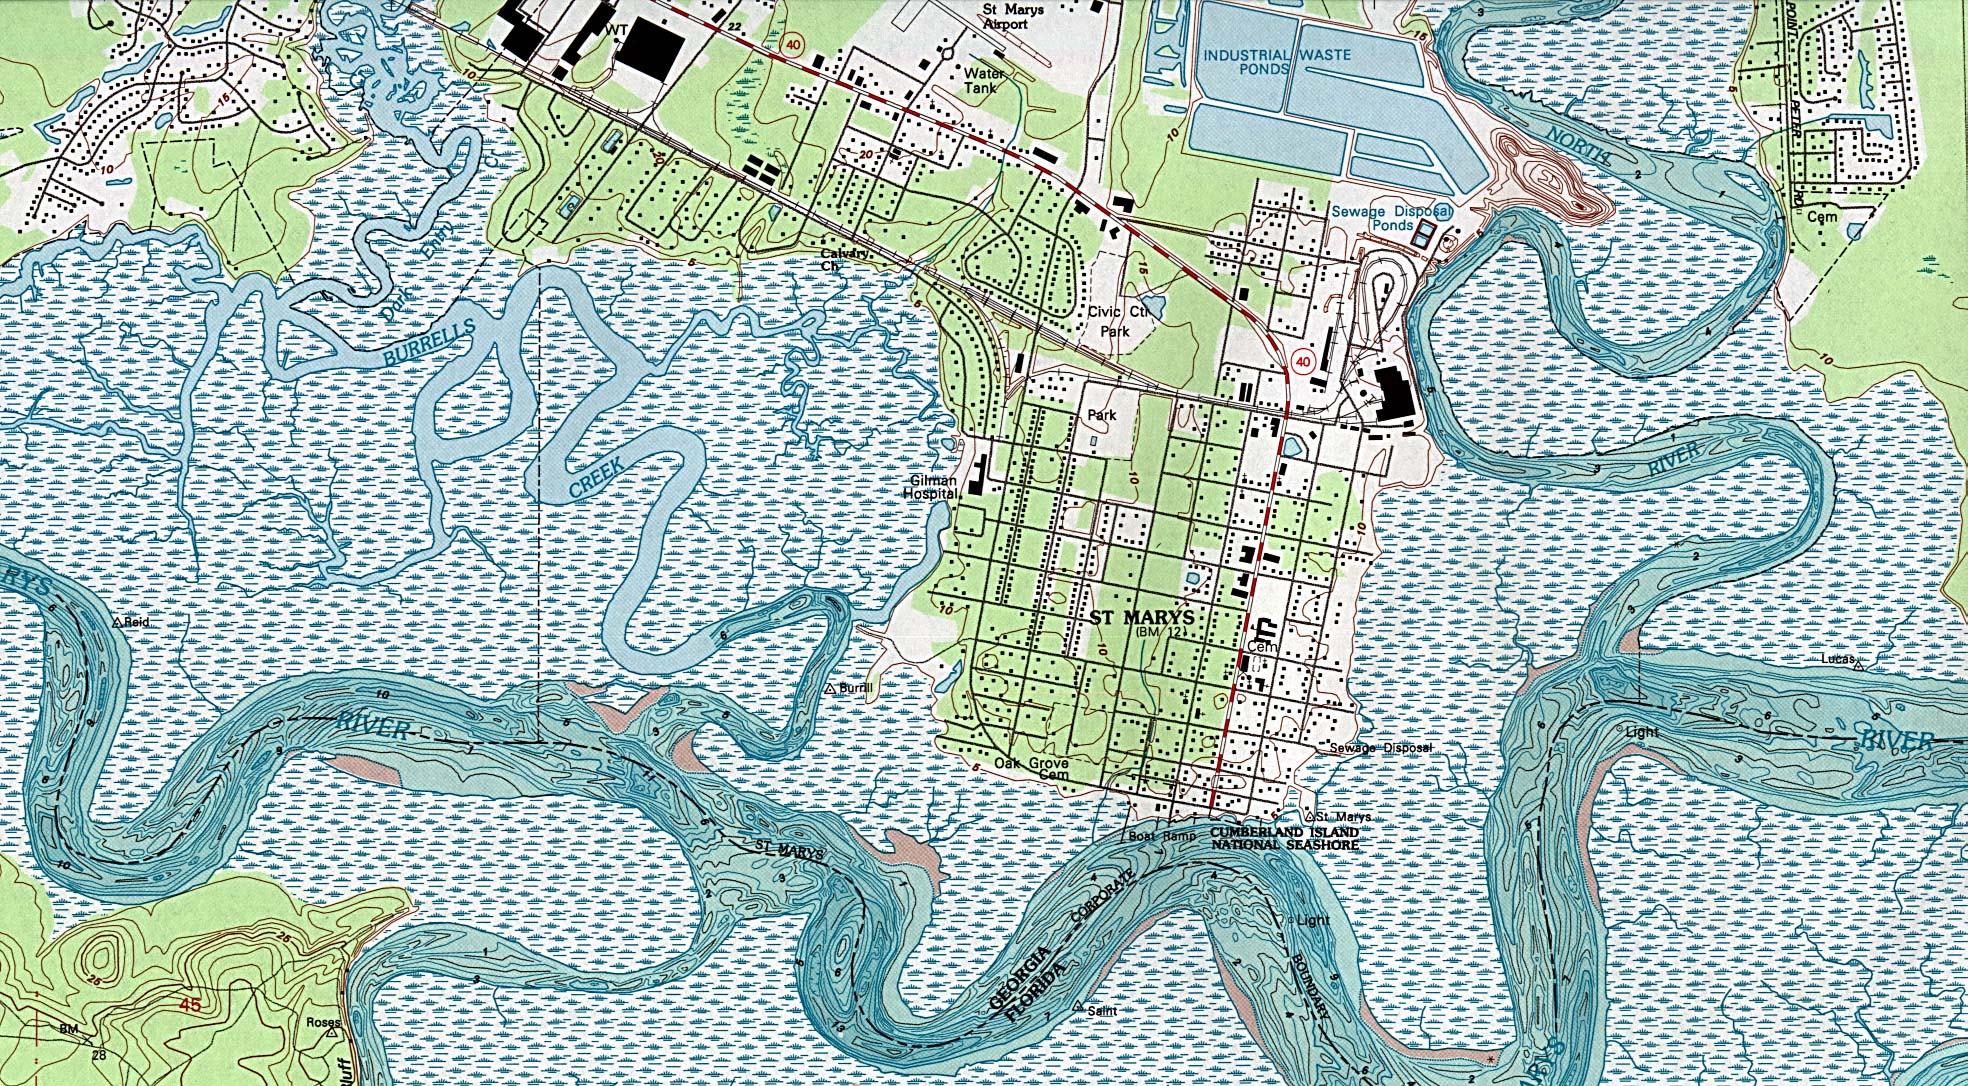 Mapa Topográfico de la Ciudad de St. Marys, Georgia, Estados Unidos